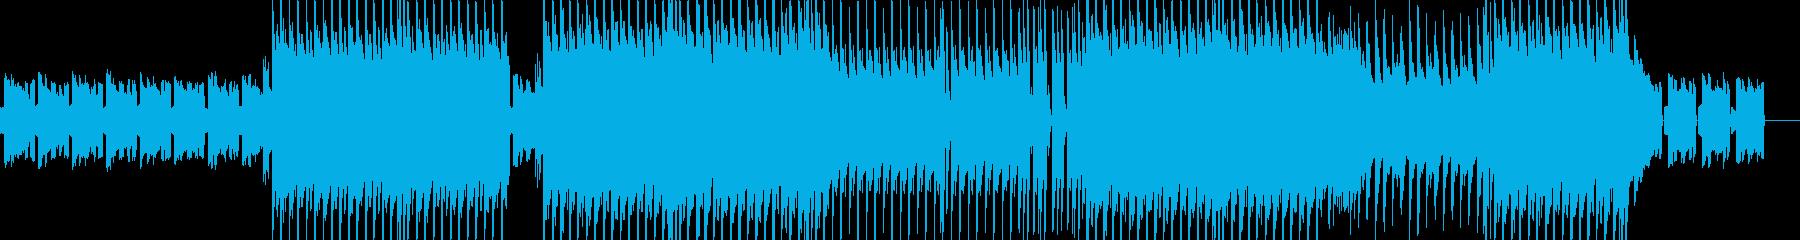 かわいらしいエレピとベルのポップスの再生済みの波形